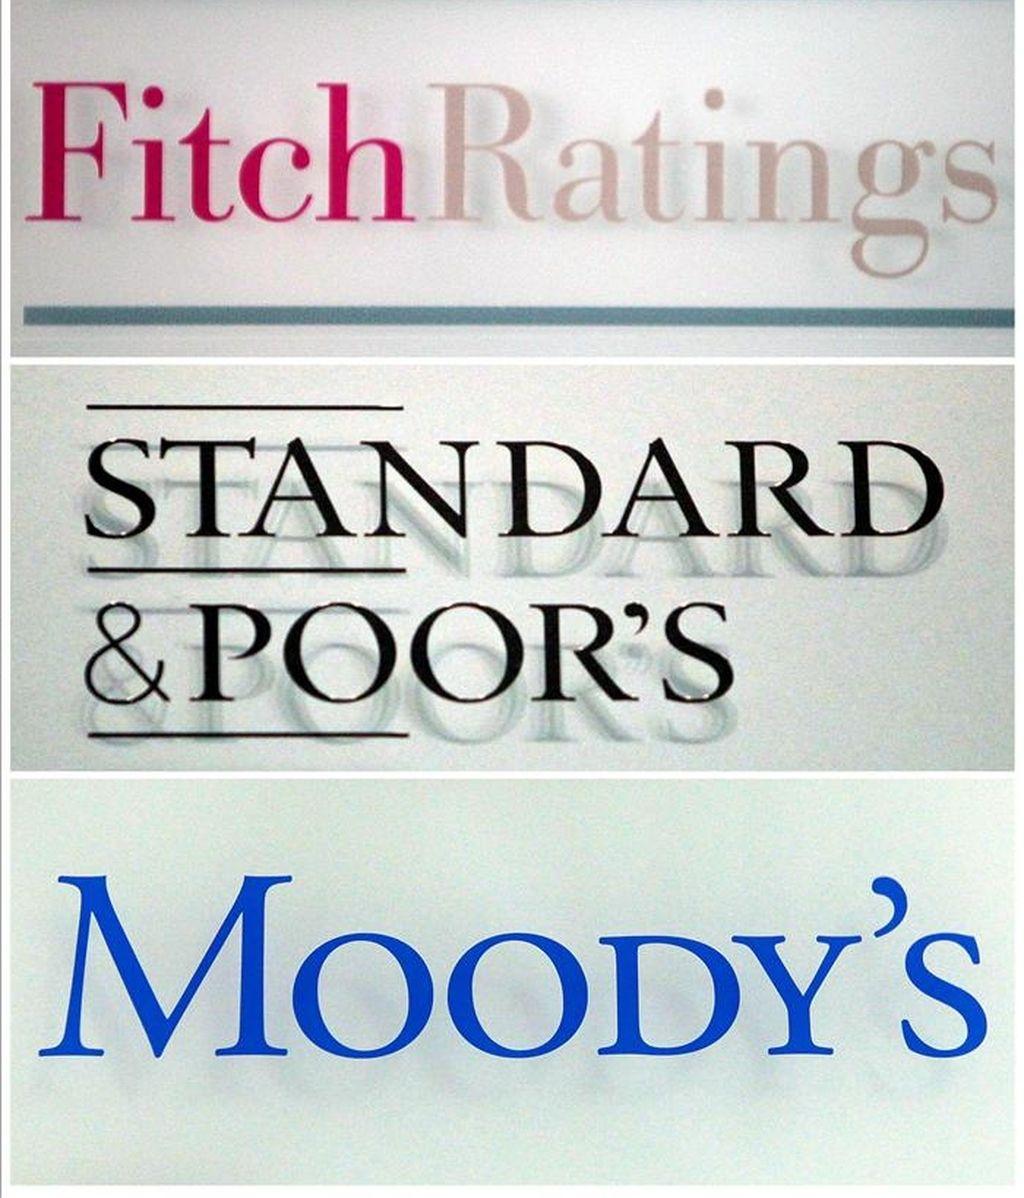 Una fotografía compuesta que muestra los logos de las agencias de medición de riesgos 'Fitch', 'Standard & Poor's' y 'Moody's' que evalúan la capacidad de pago de empresas, bancos y estados. EFE/Archivo